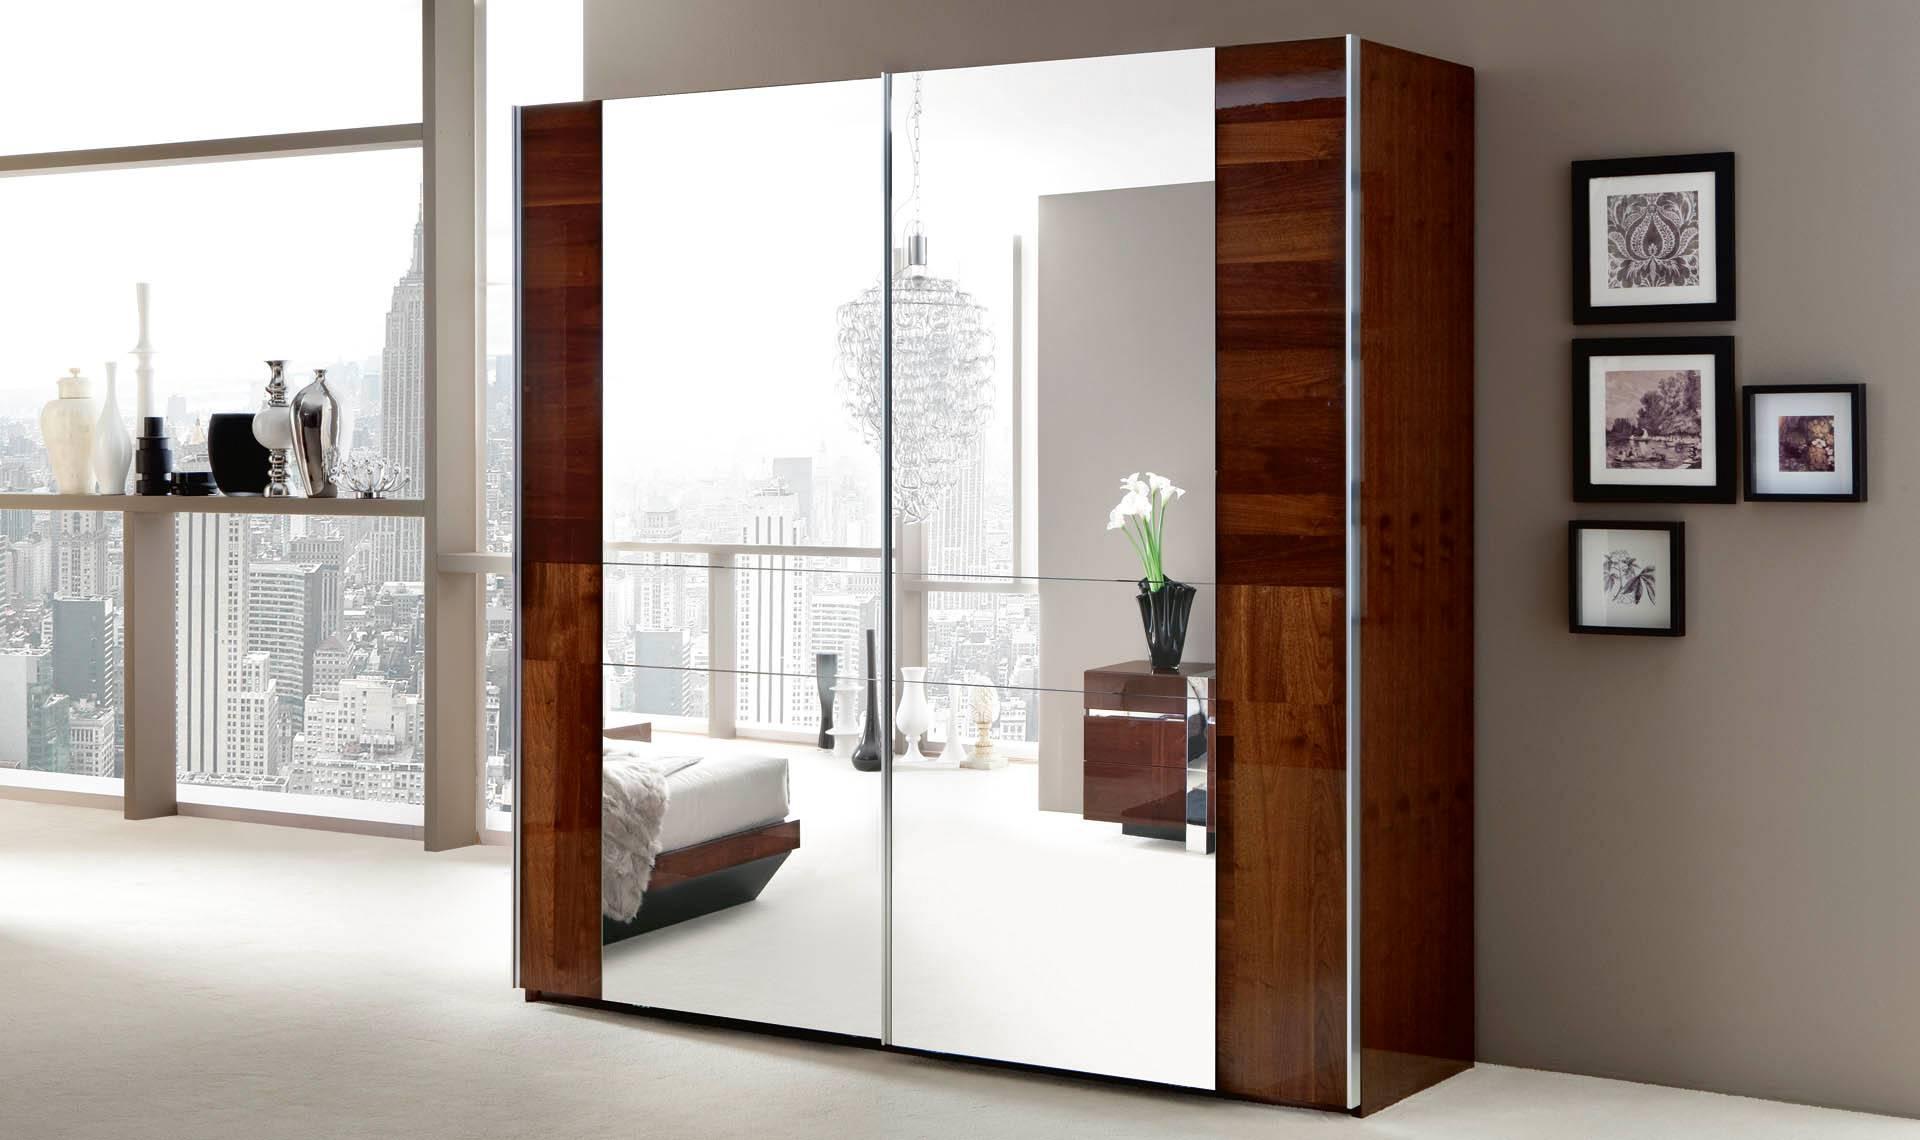 Шкаф-купе с зеркалом (119 фото): зеркальный угловой, встроенный в прихожую или гостиную